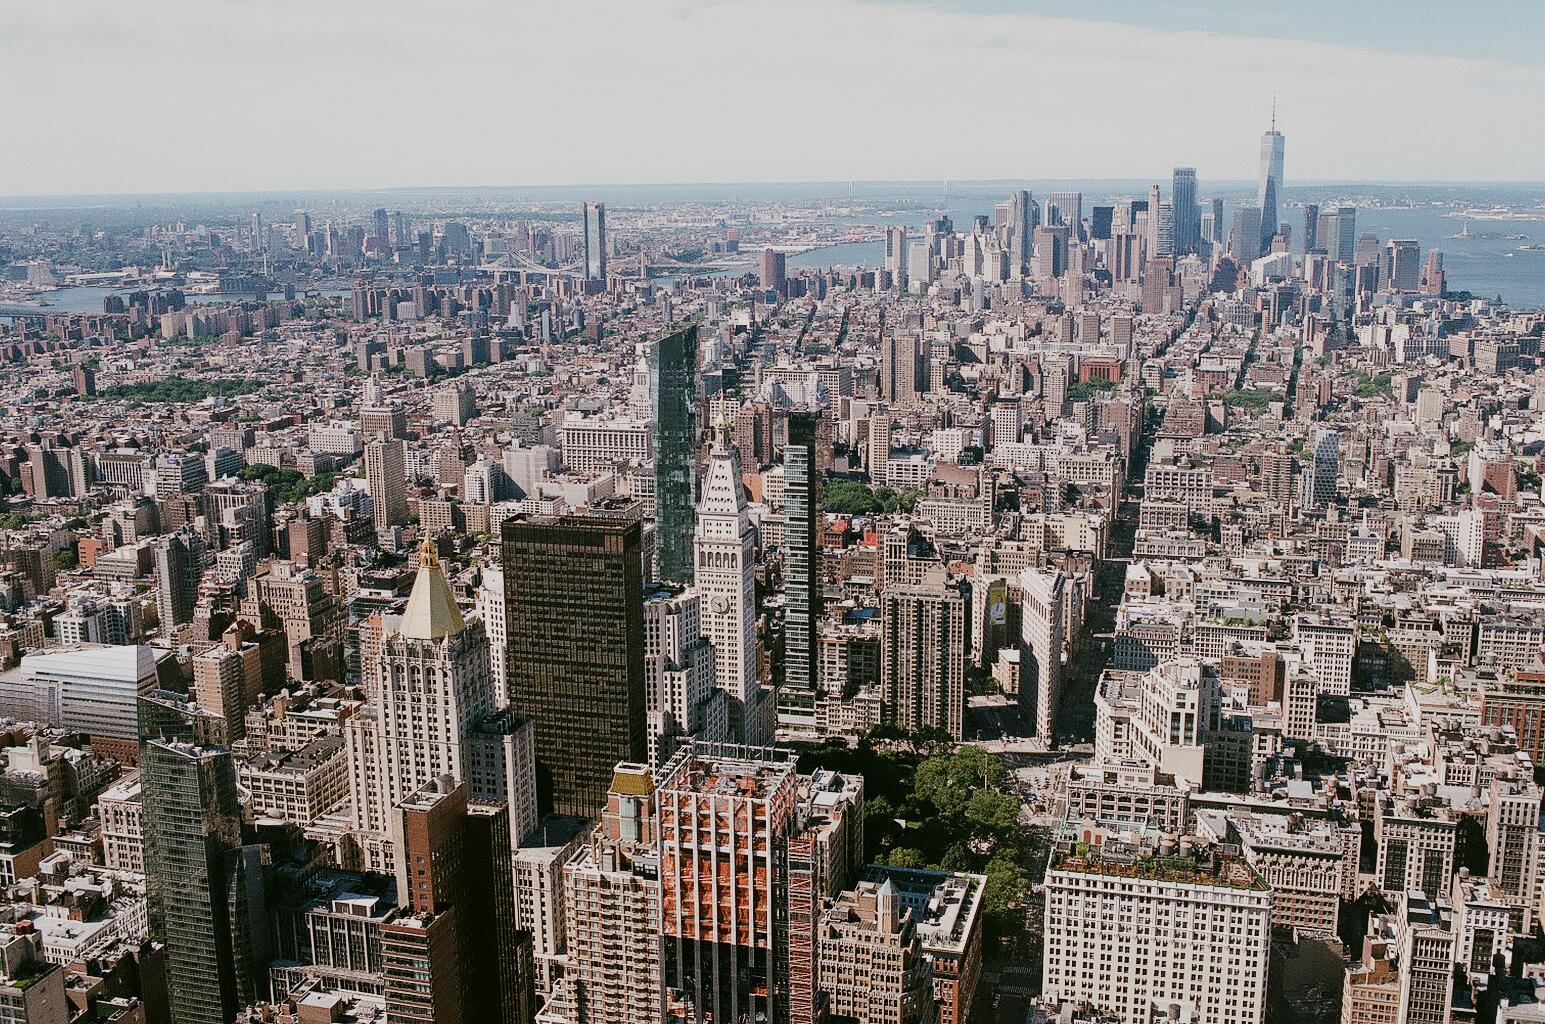 New York City on Film  |   LITTLE HENRY LEE